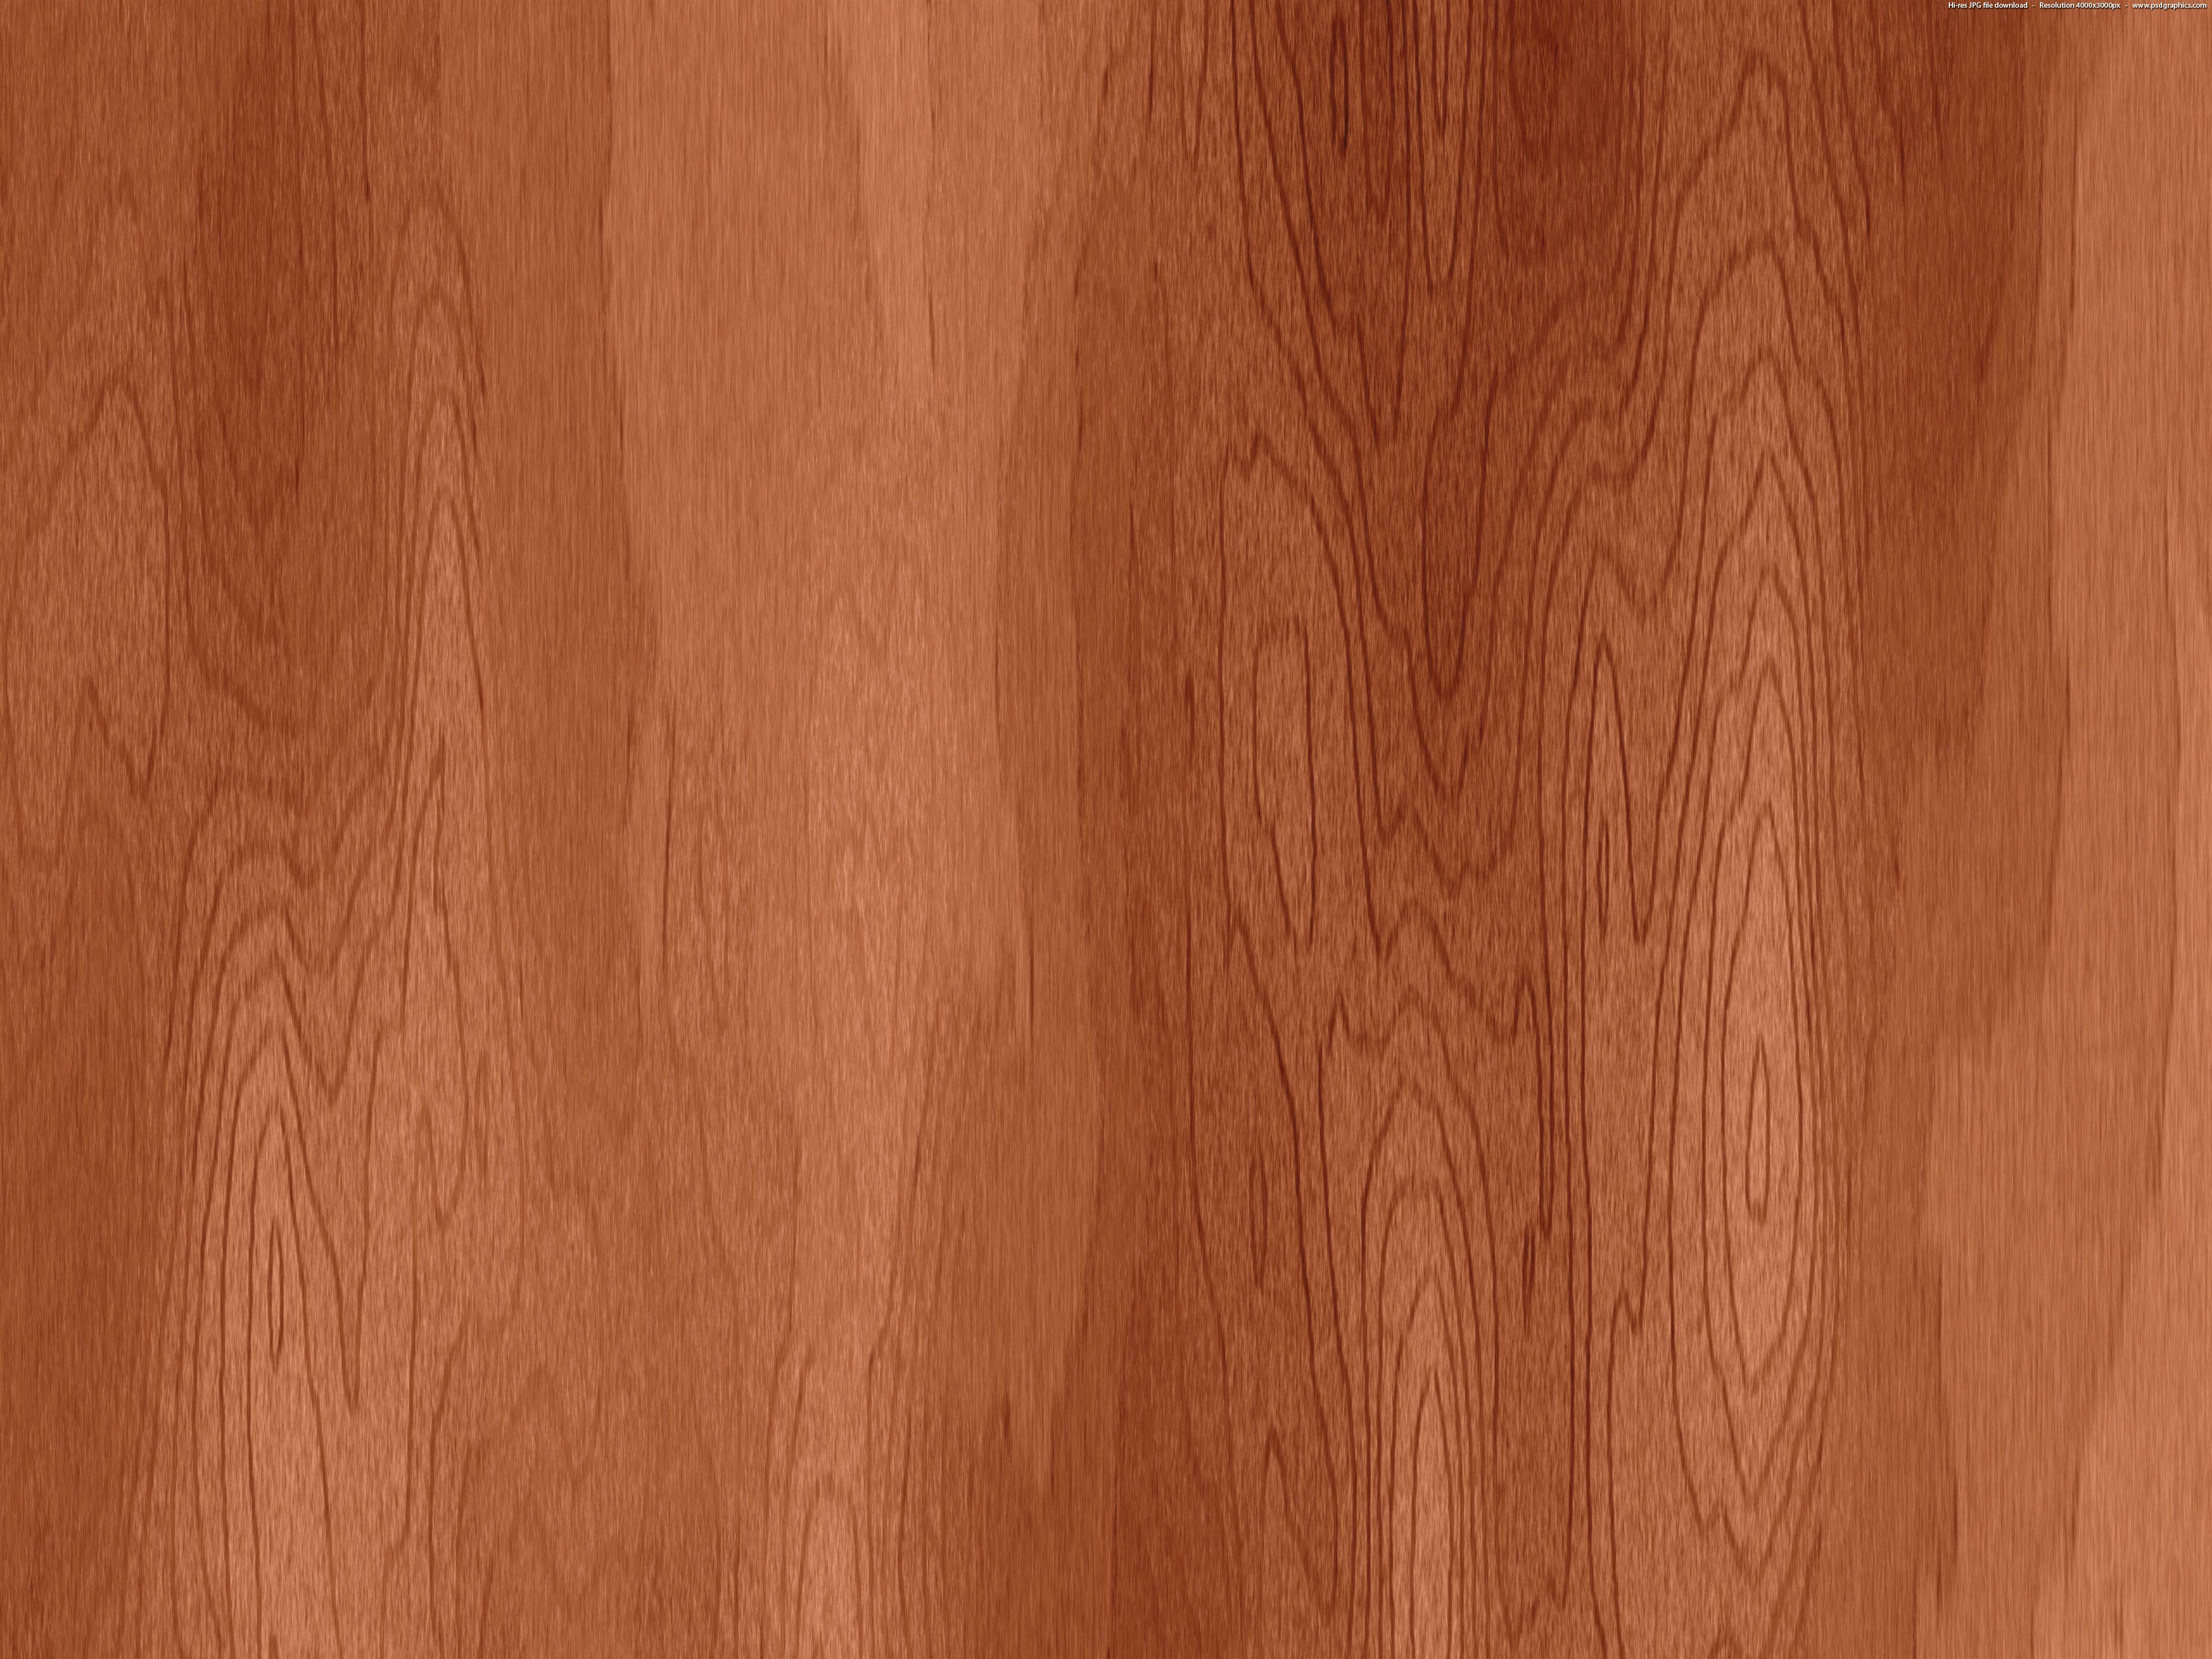 Wooden Floor Texture Dark Wood Texture Brown Wooden